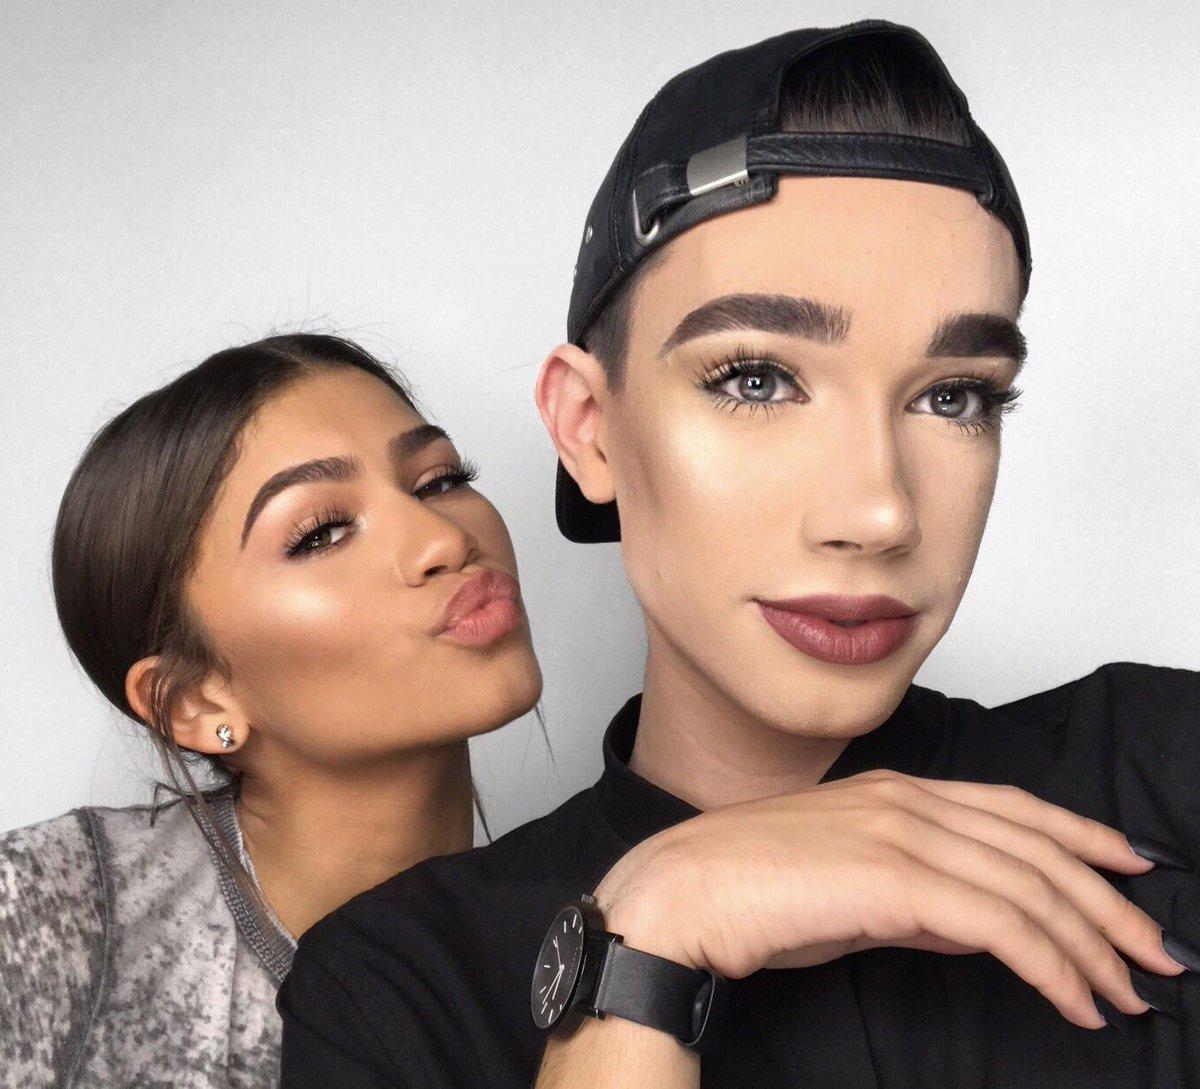 Makeup artist school toronto